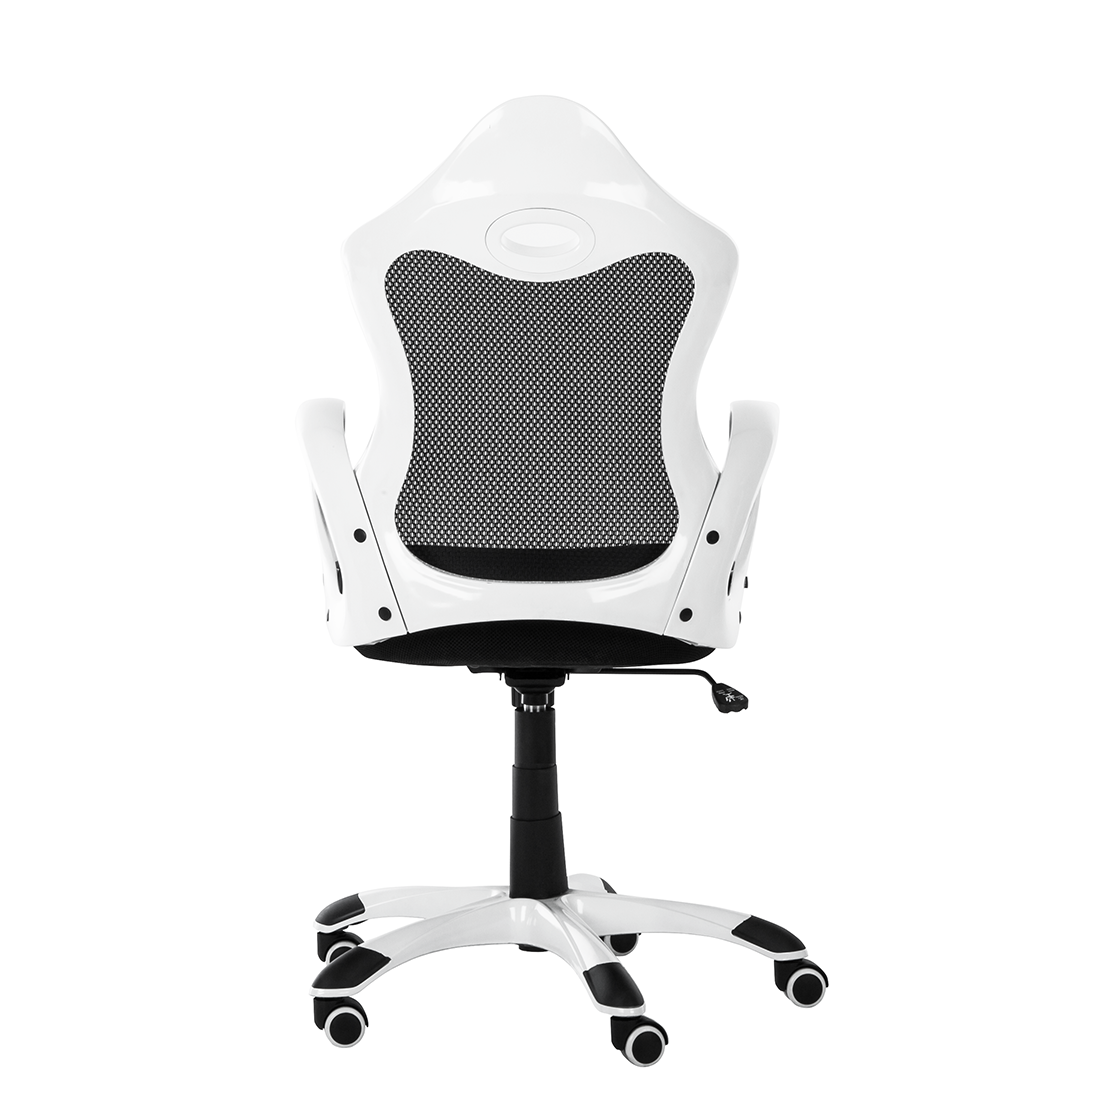 Schreibtischstuhl schwarz weiß  Bürostuhl Netzstoff Schwarz / Weiß Schreibtischstuhl Drehstuhl ...